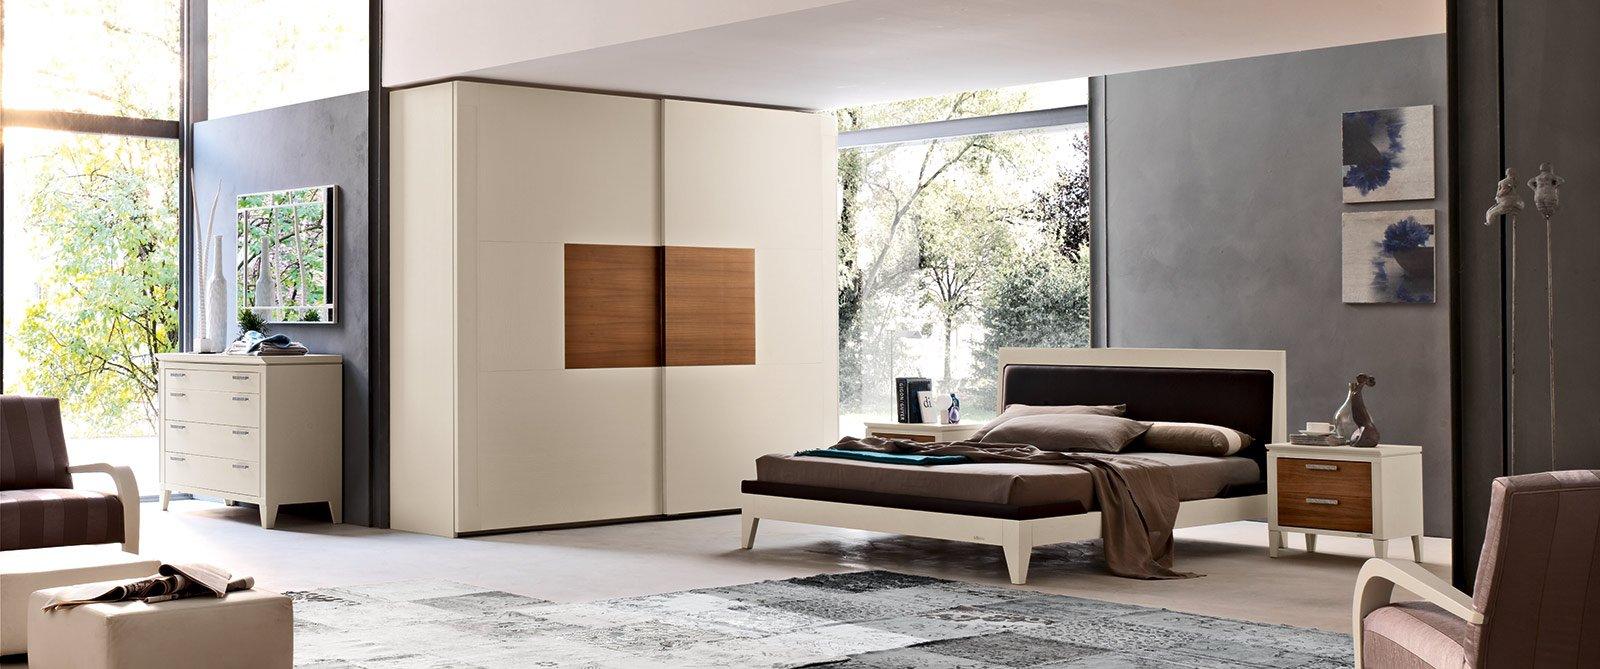 Camera da letto a tinte chiare cose di casa - Camera da letto frassino ...